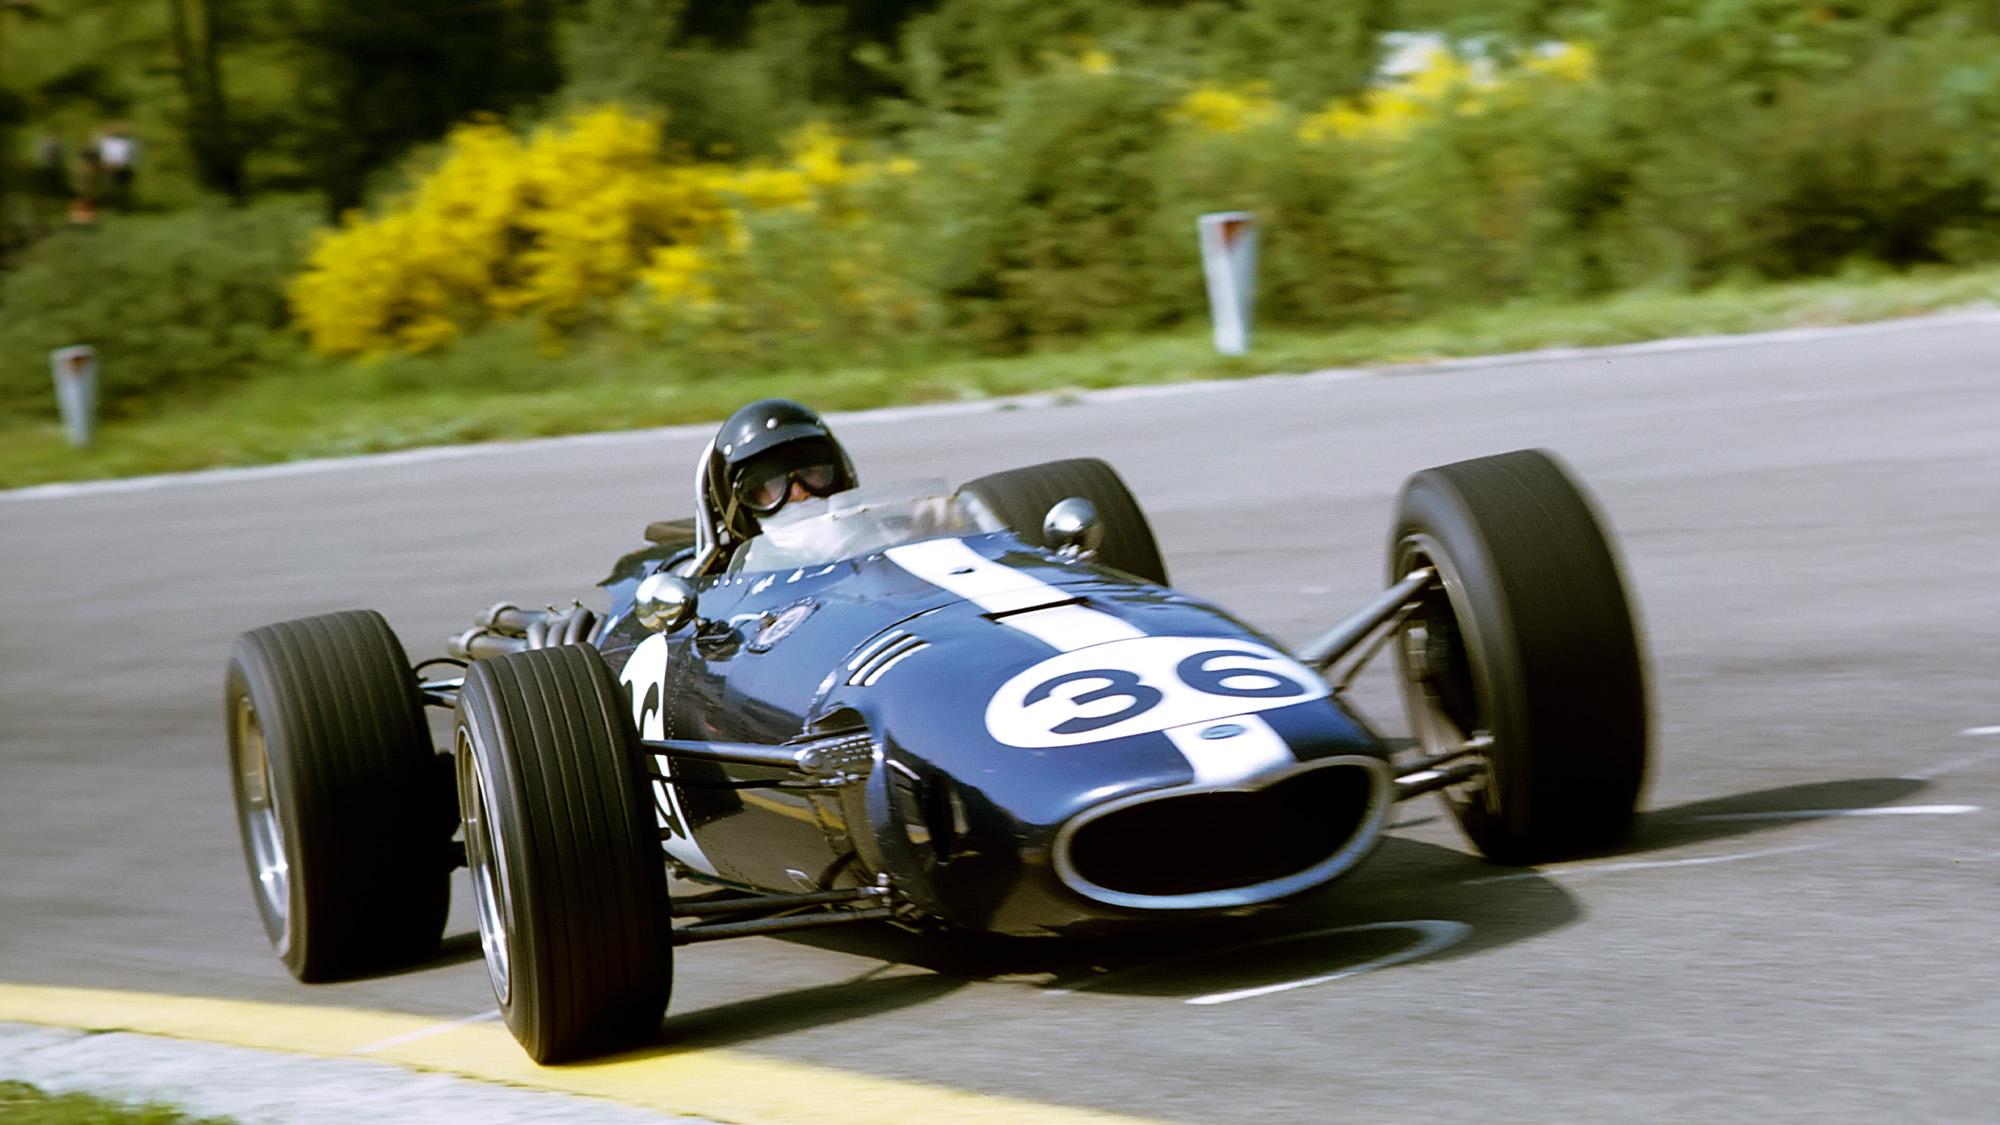 Dan Gurney in Eagle at 1967 F1 Belgian Grand Prix